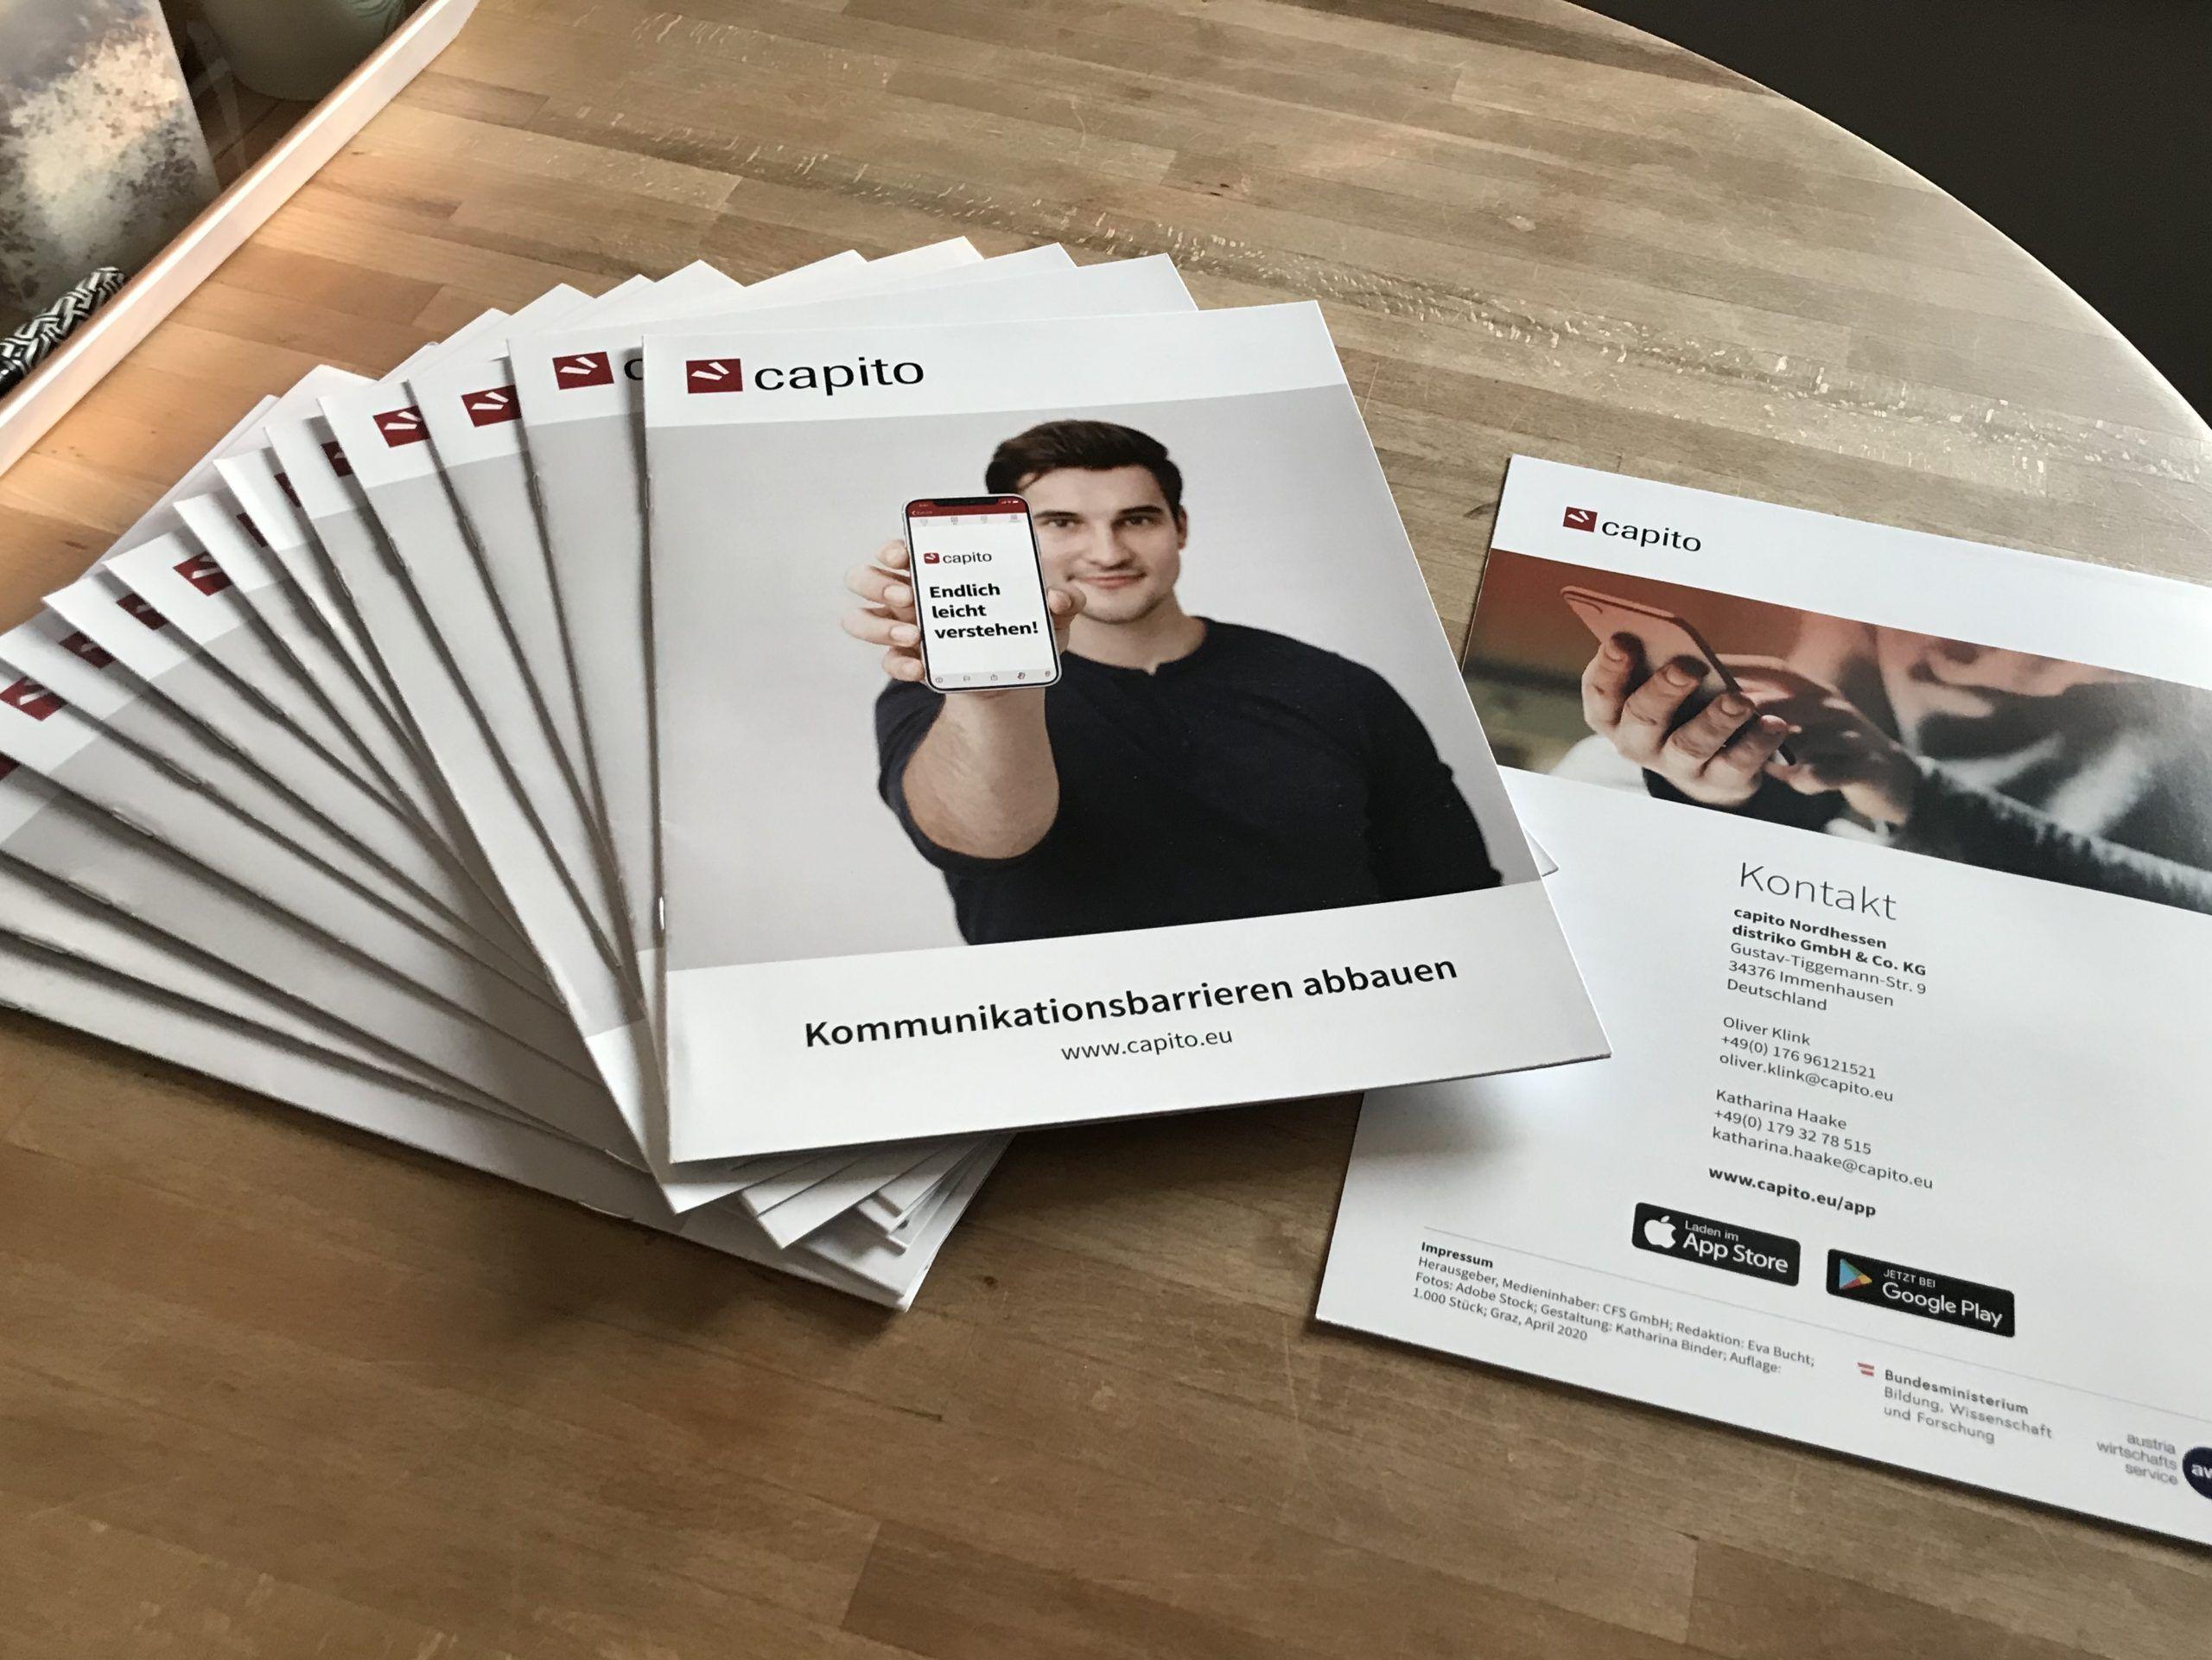 Foto vom Printmedium capito Nordhessen einem Projekt von distriko